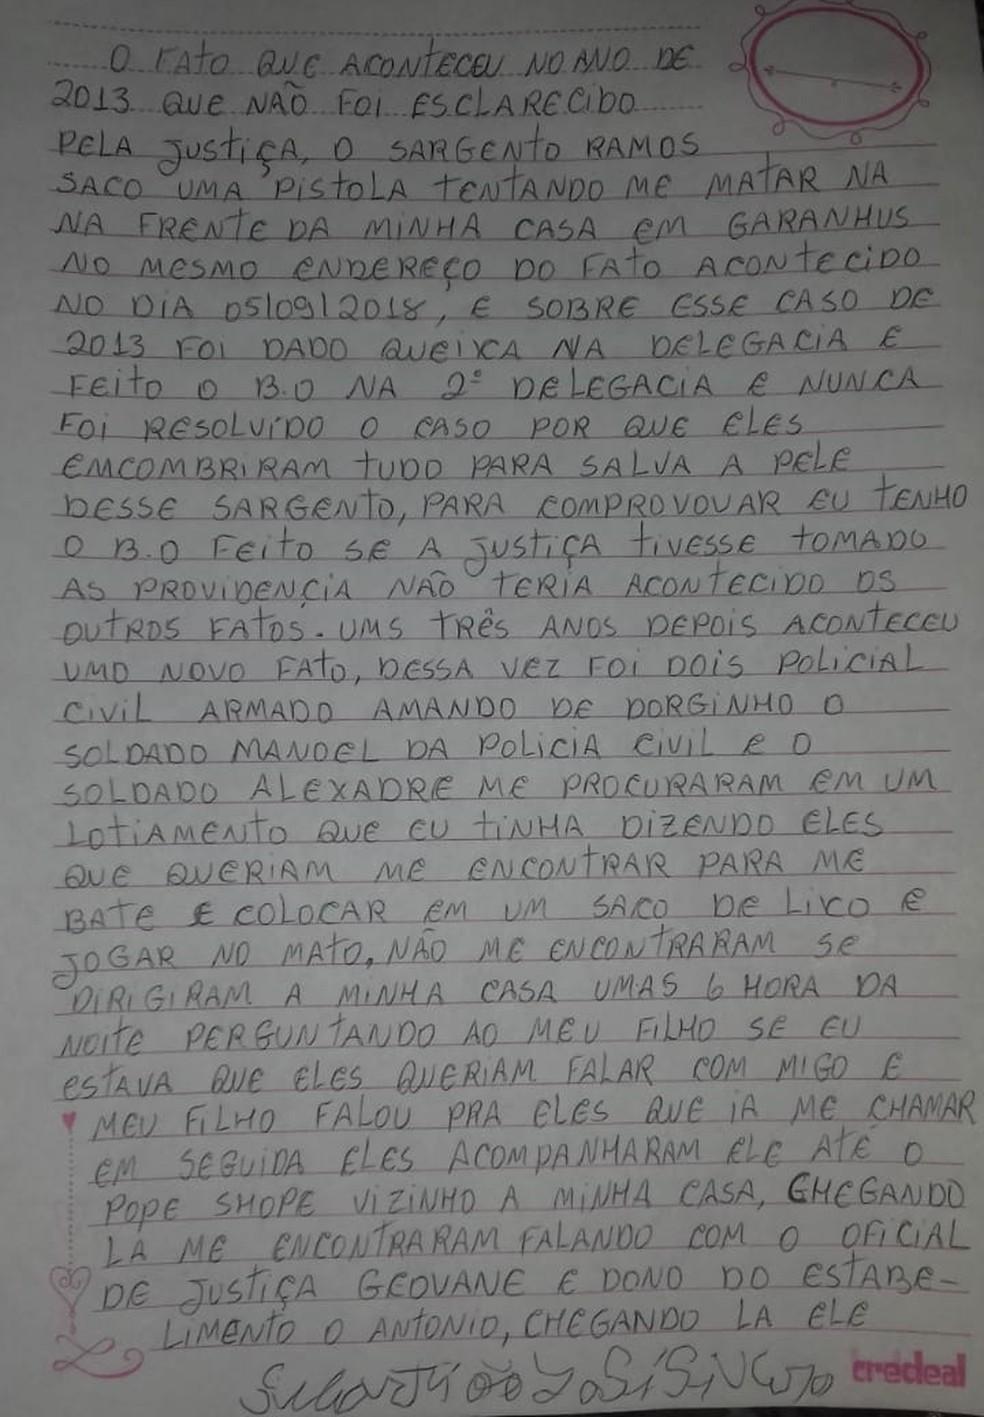 Primeira página da carta escrita por Sebastião José Severo — Foto: Roberto Marques/ Arquivo pessoal